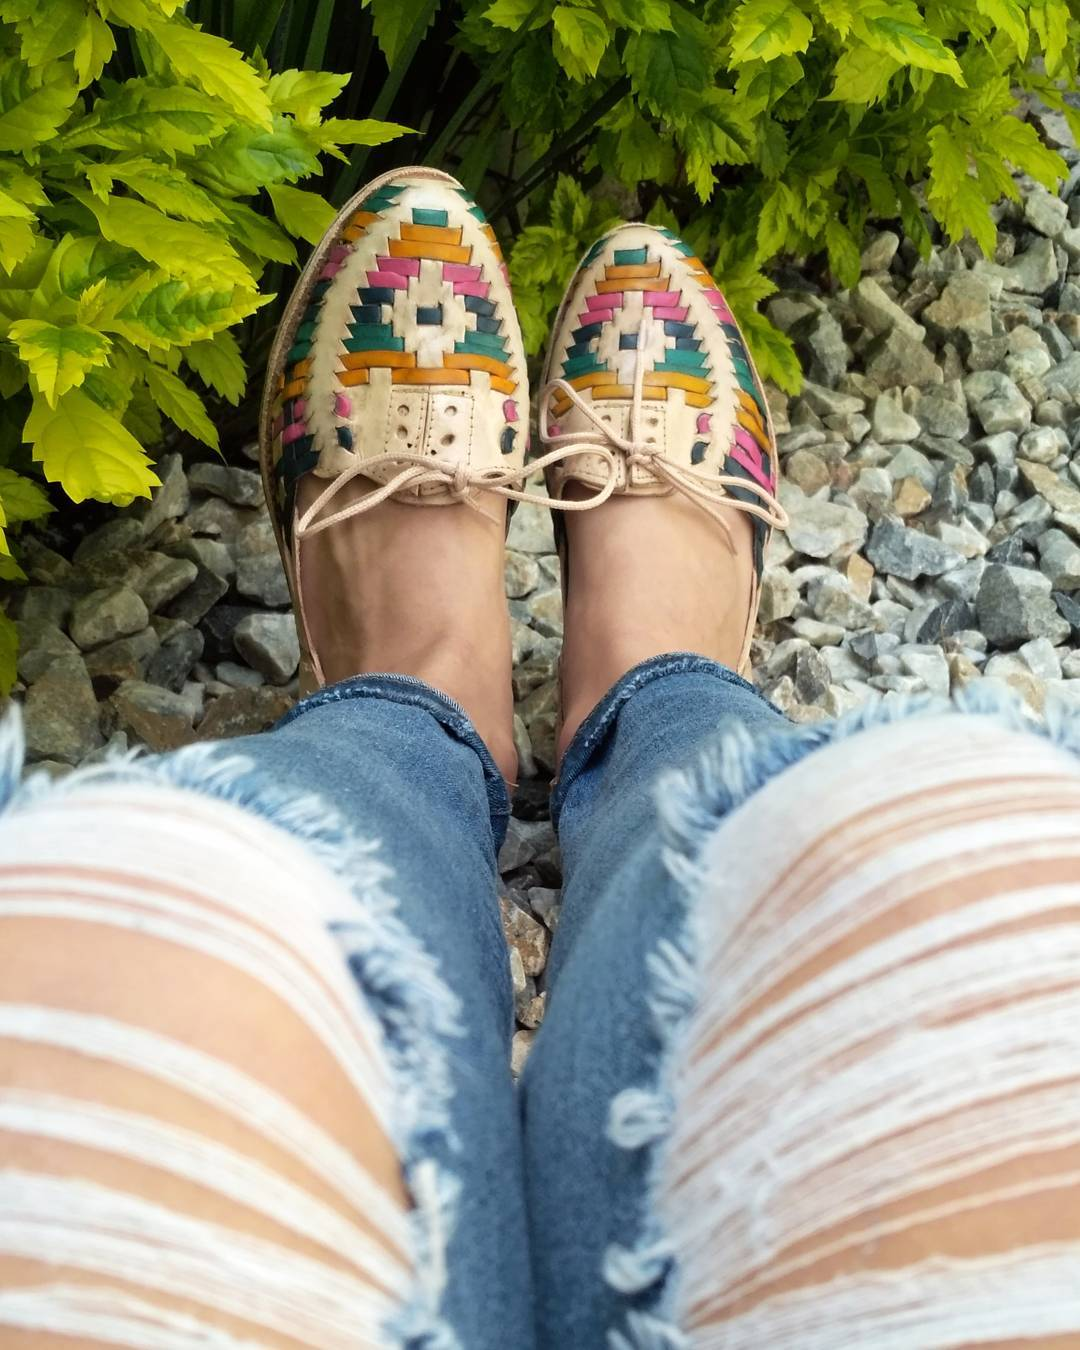 f8fbd5aee Zapatos y Huaraches Artesanales De Piel - Calzado SHY'S